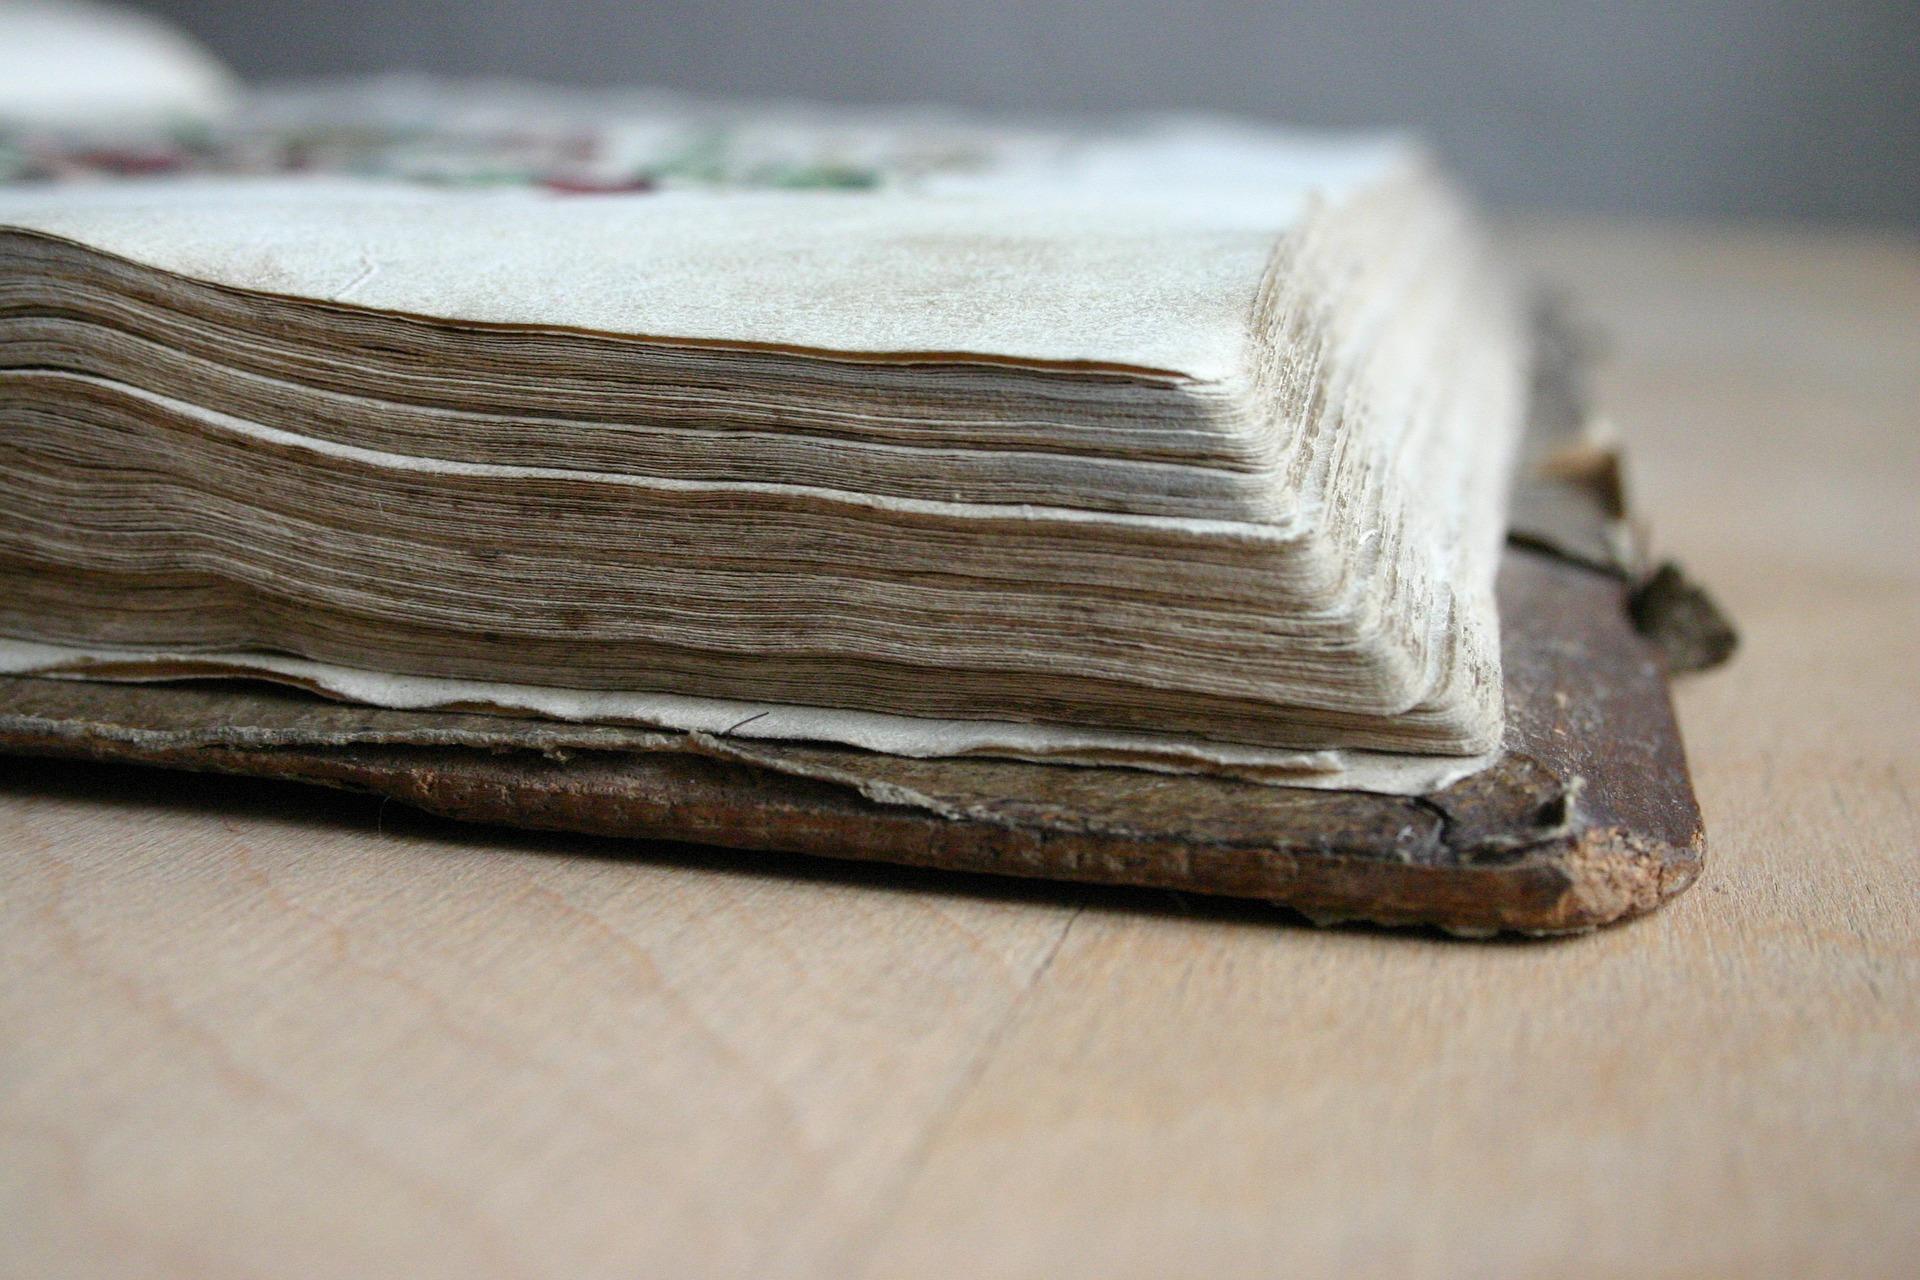 Gutenberg Buchdruck – Keiner kann lesen, ich drucke Bücher